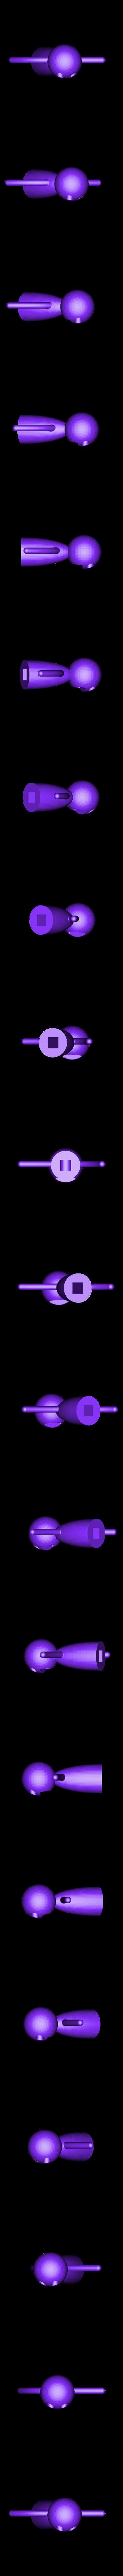 Function_Stickman_ylnx_top.stl Télécharger fichier STL gratuit Dancing Function Stickmen • Plan pour impression 3D, Chrisibub